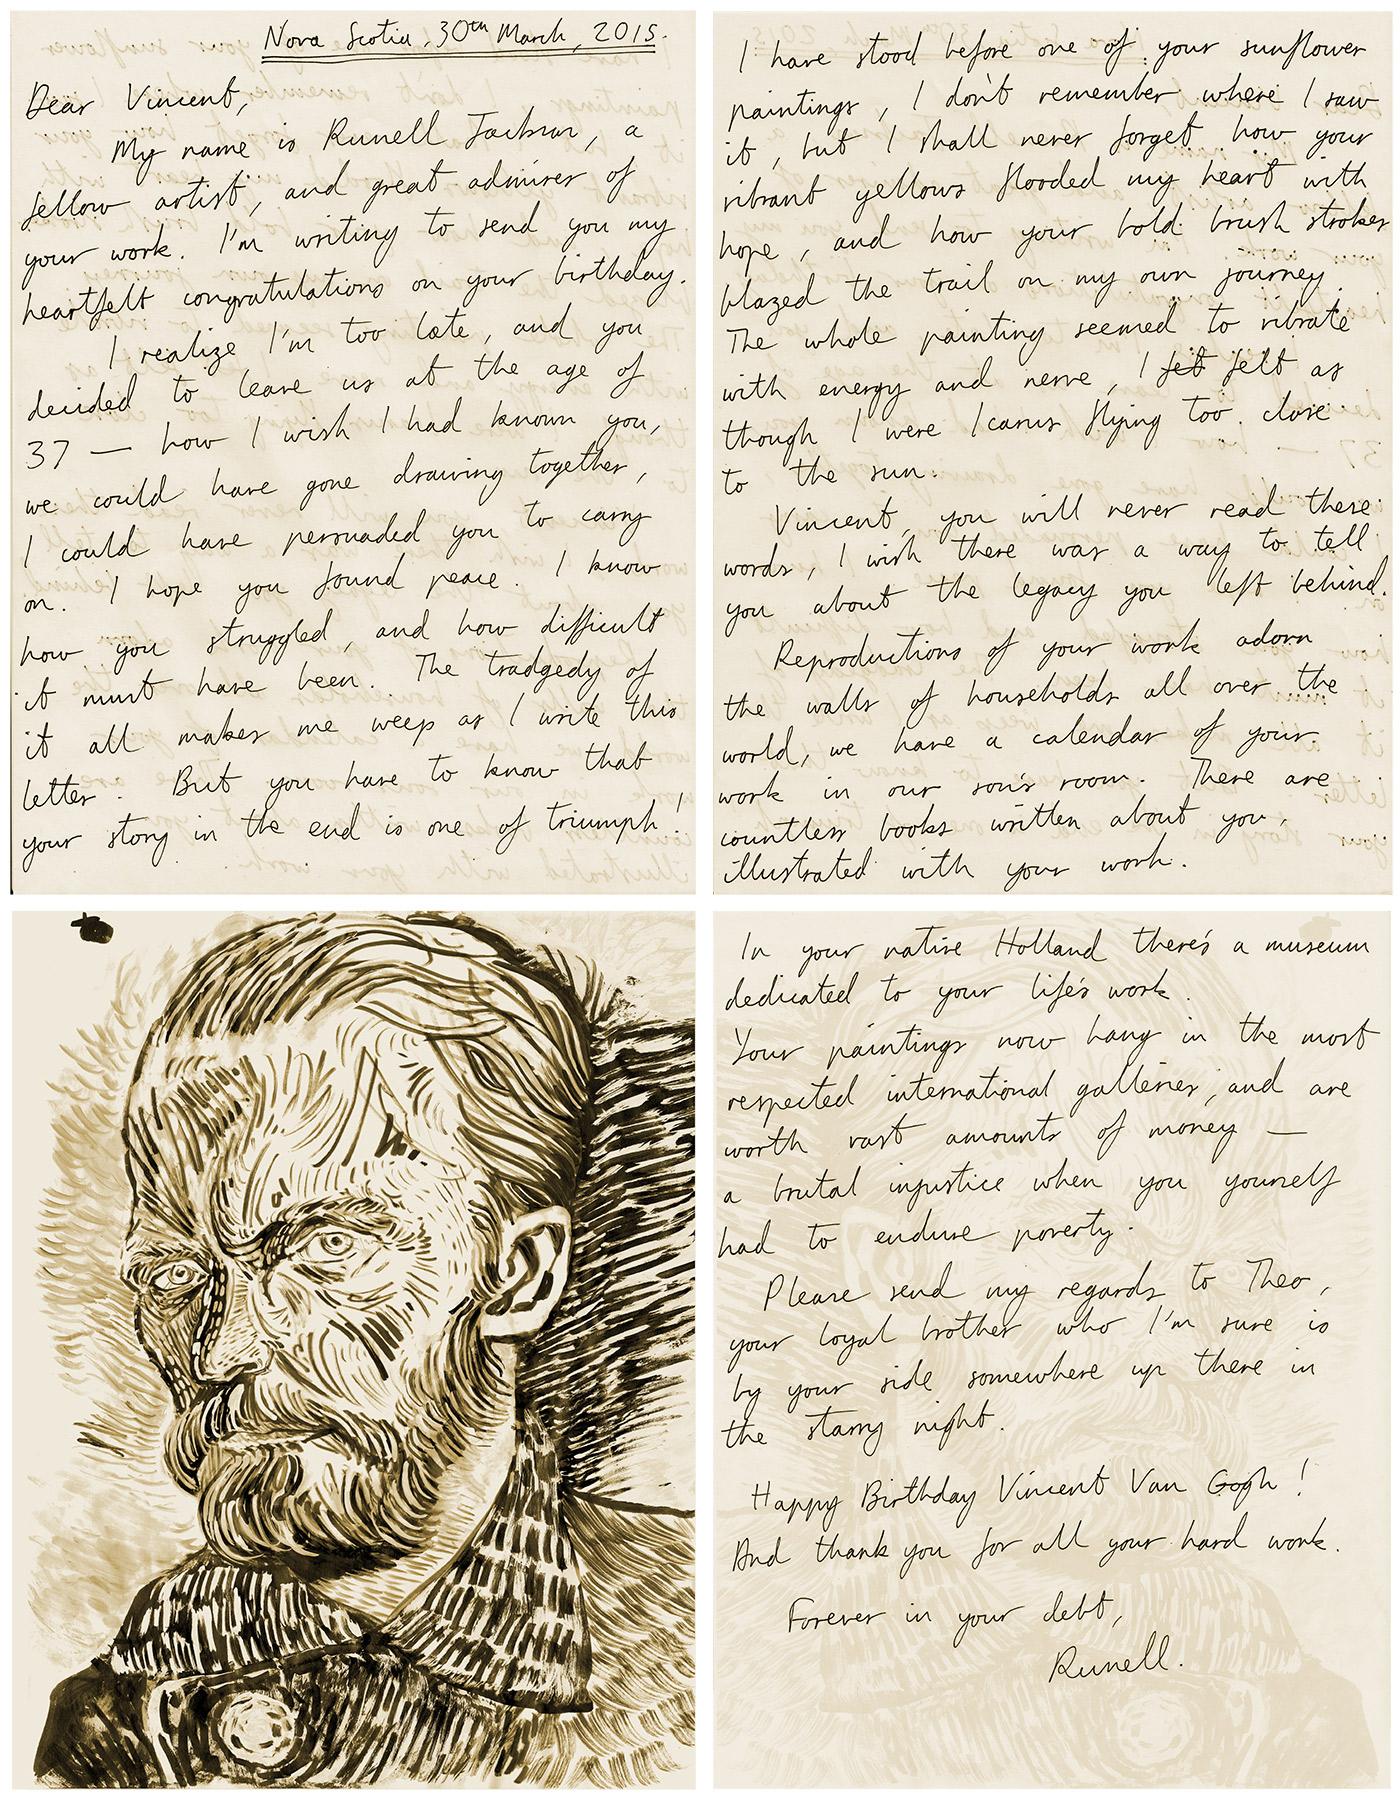 Dear Vincent.